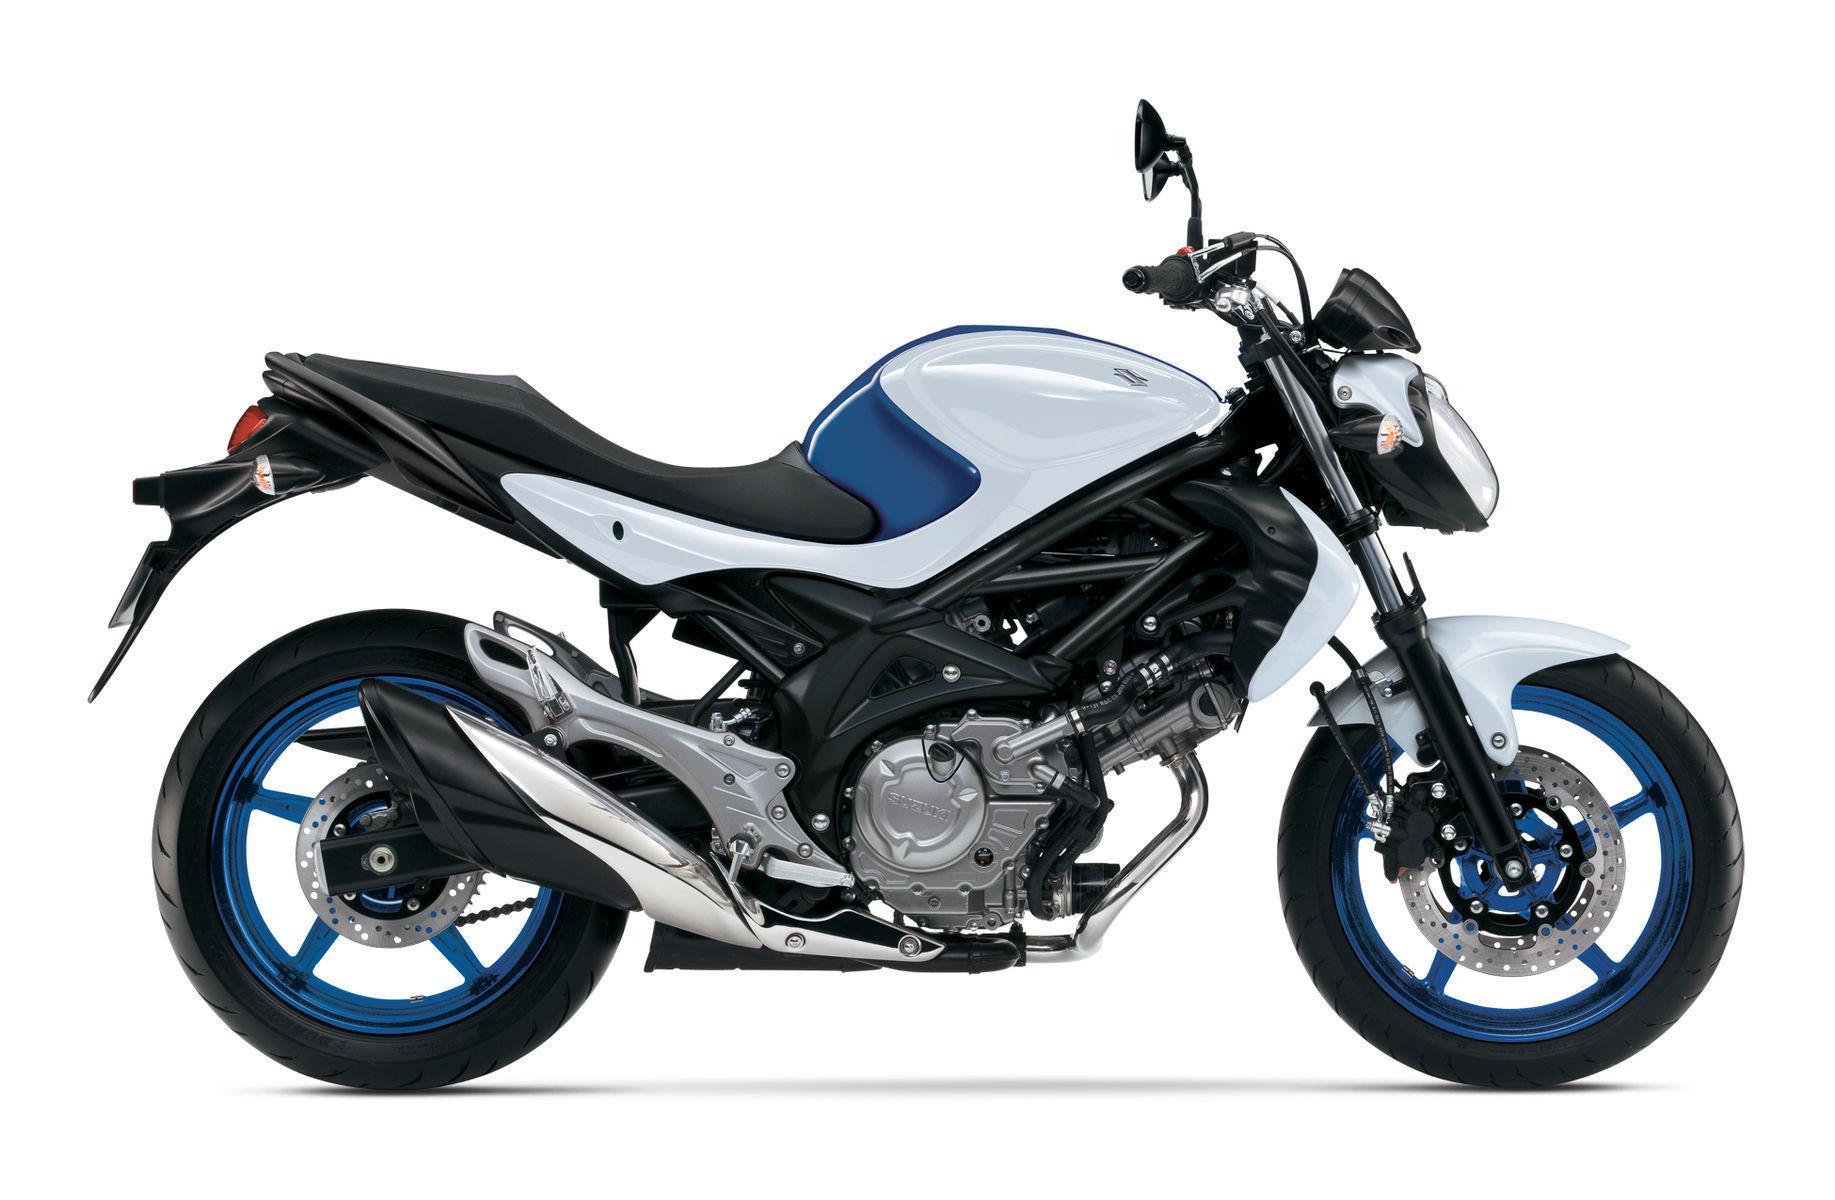 2015 Suzuki  | SFV 650